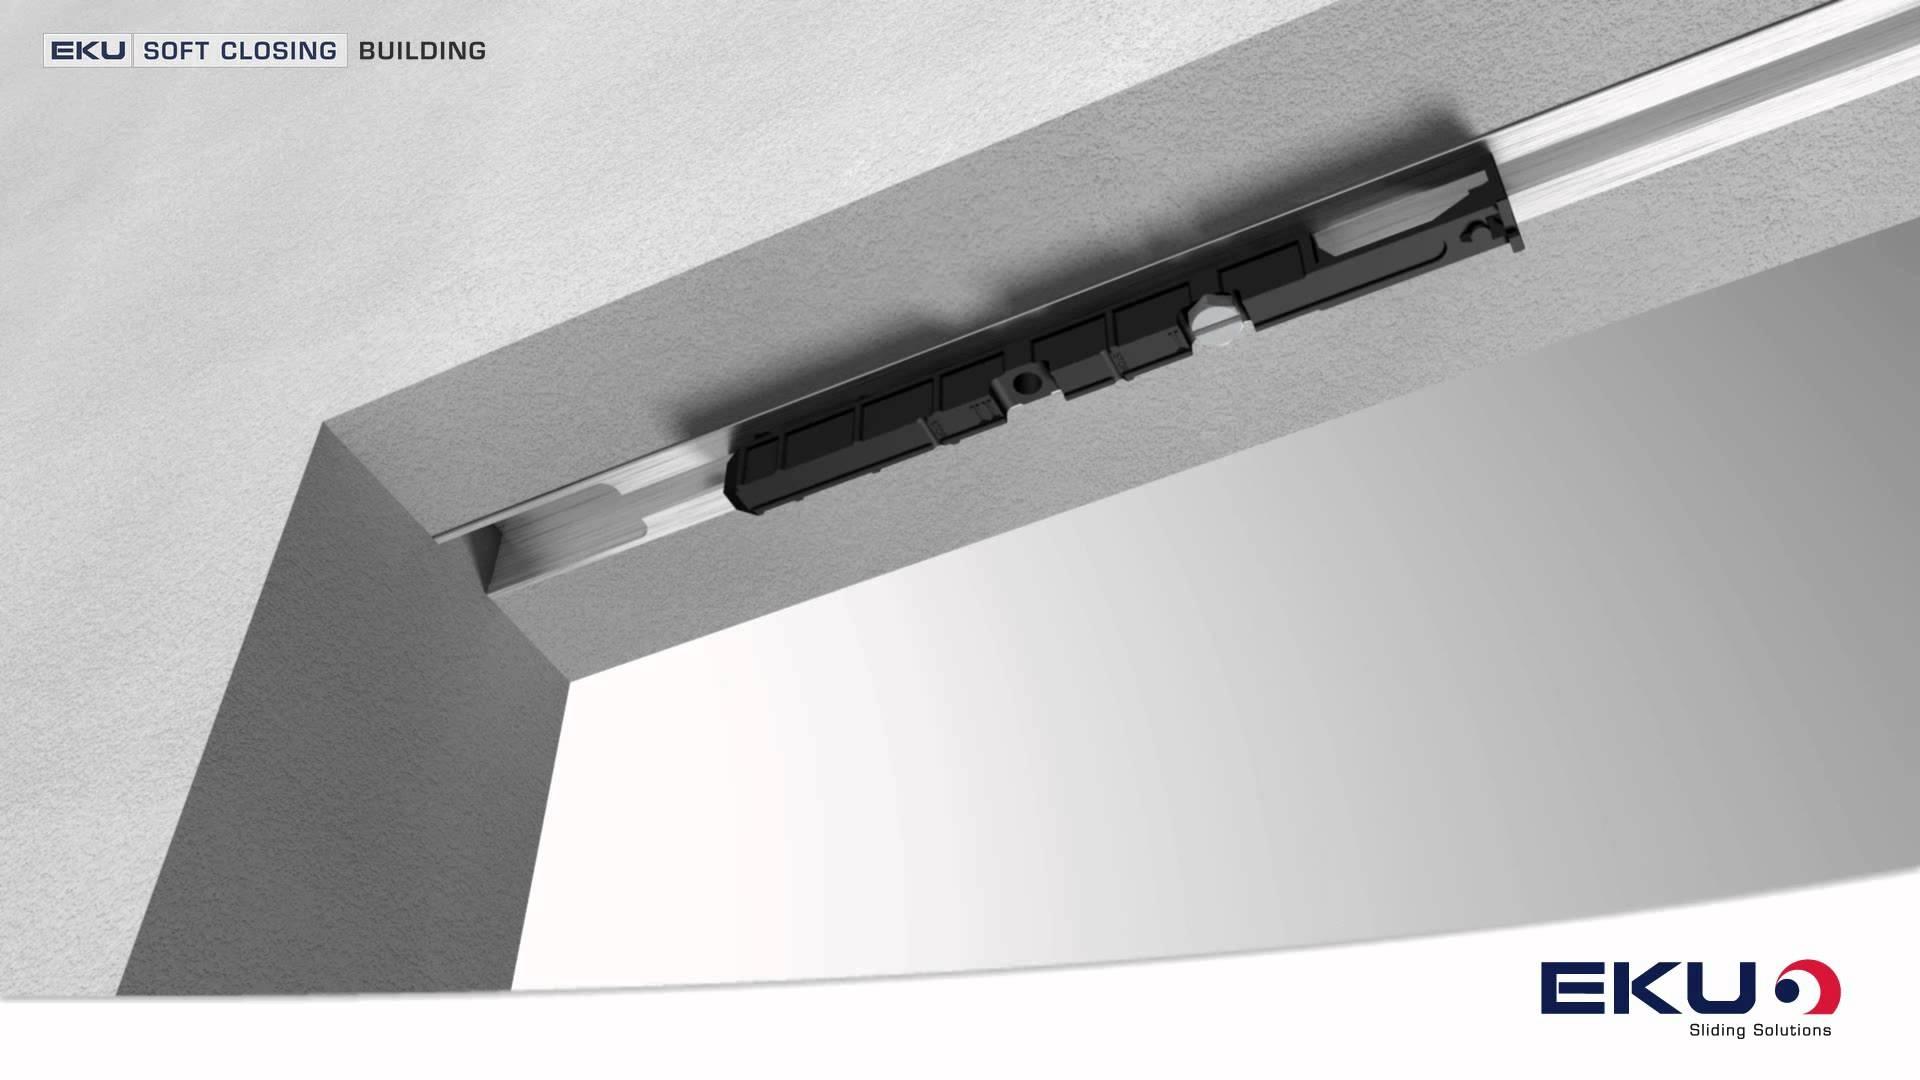 hafele sliding glass door systems sliding doors. Black Bedroom Furniture Sets. Home Design Ideas